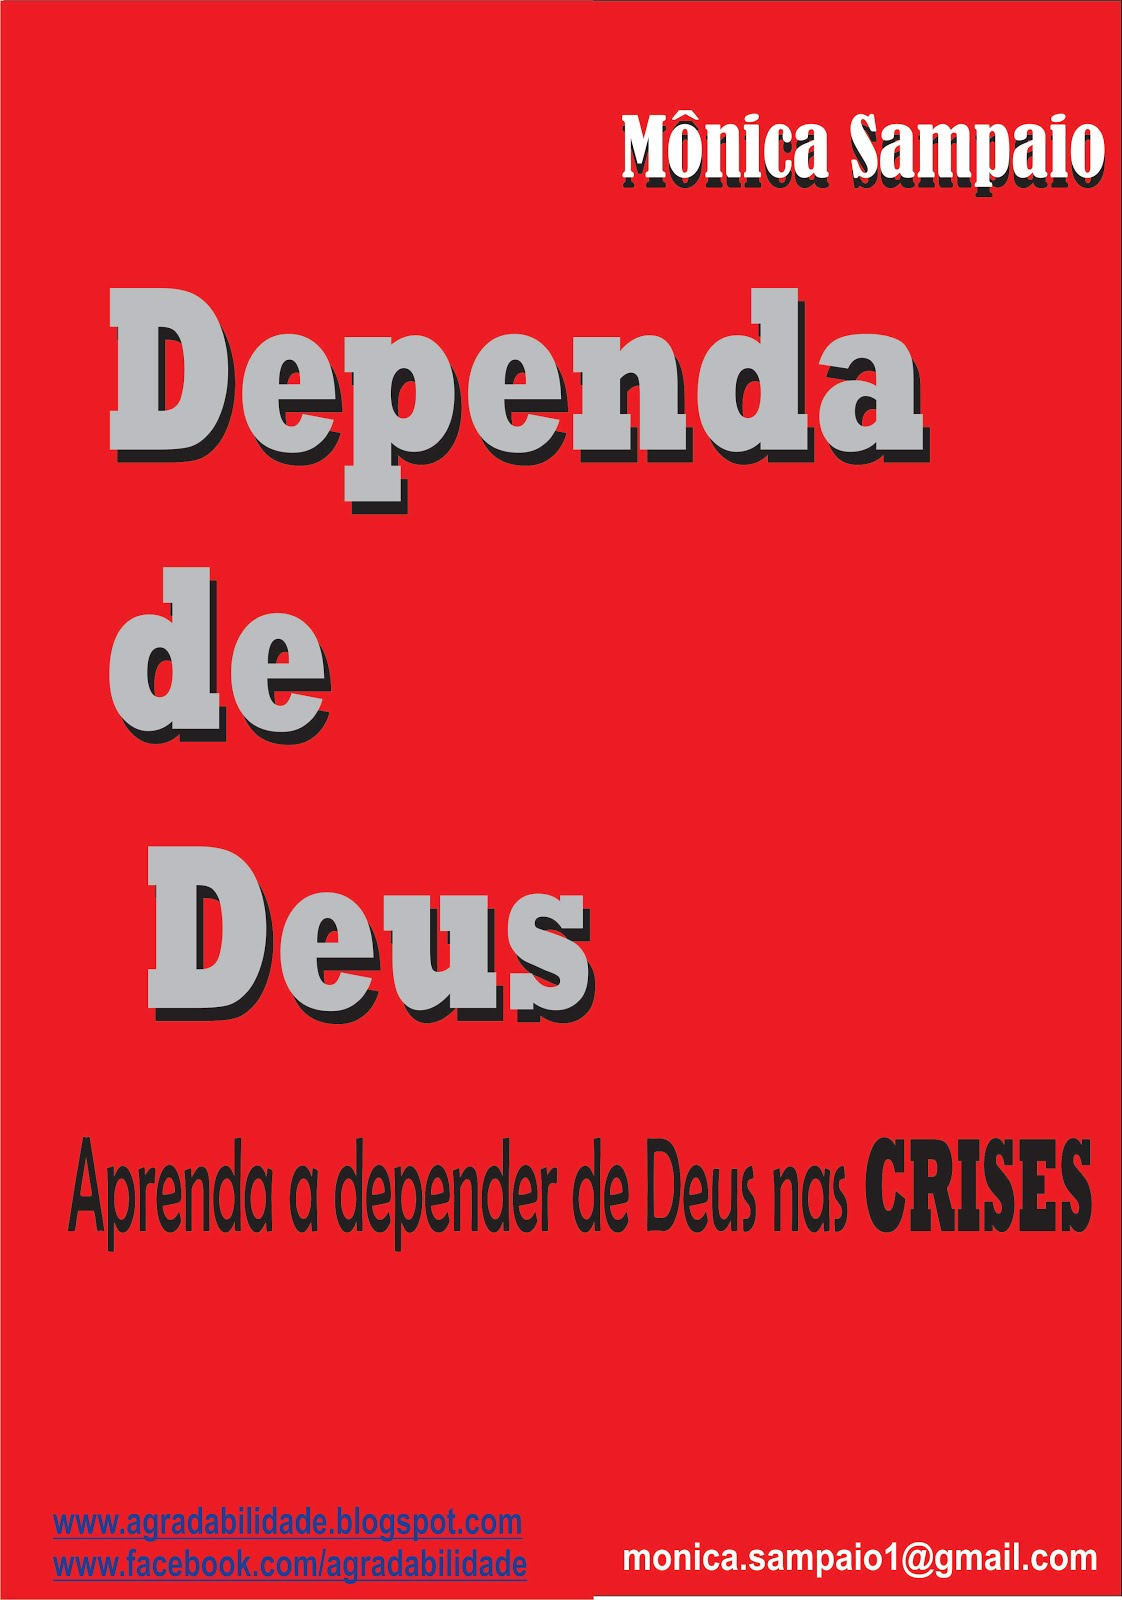 E-book DEPENDA DE DEUS - Mônica Sampaio